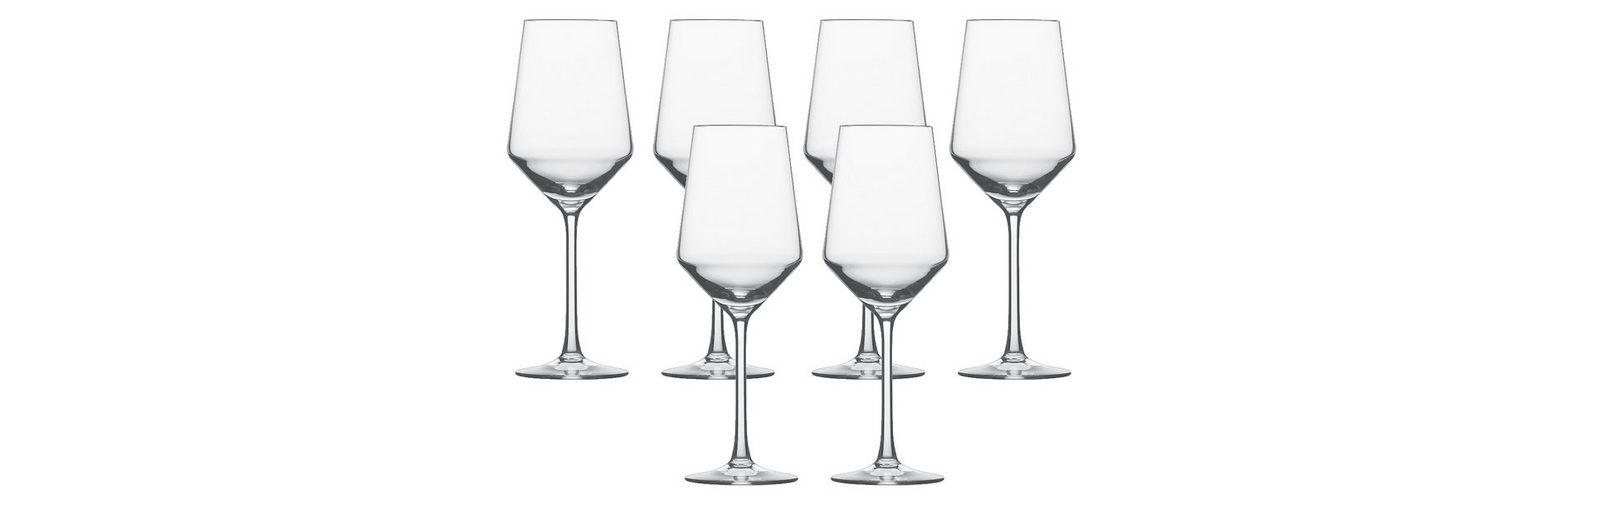 Schott Zwiesel Set: Sauvignon Blanc Glas 6er-Set »Pure«